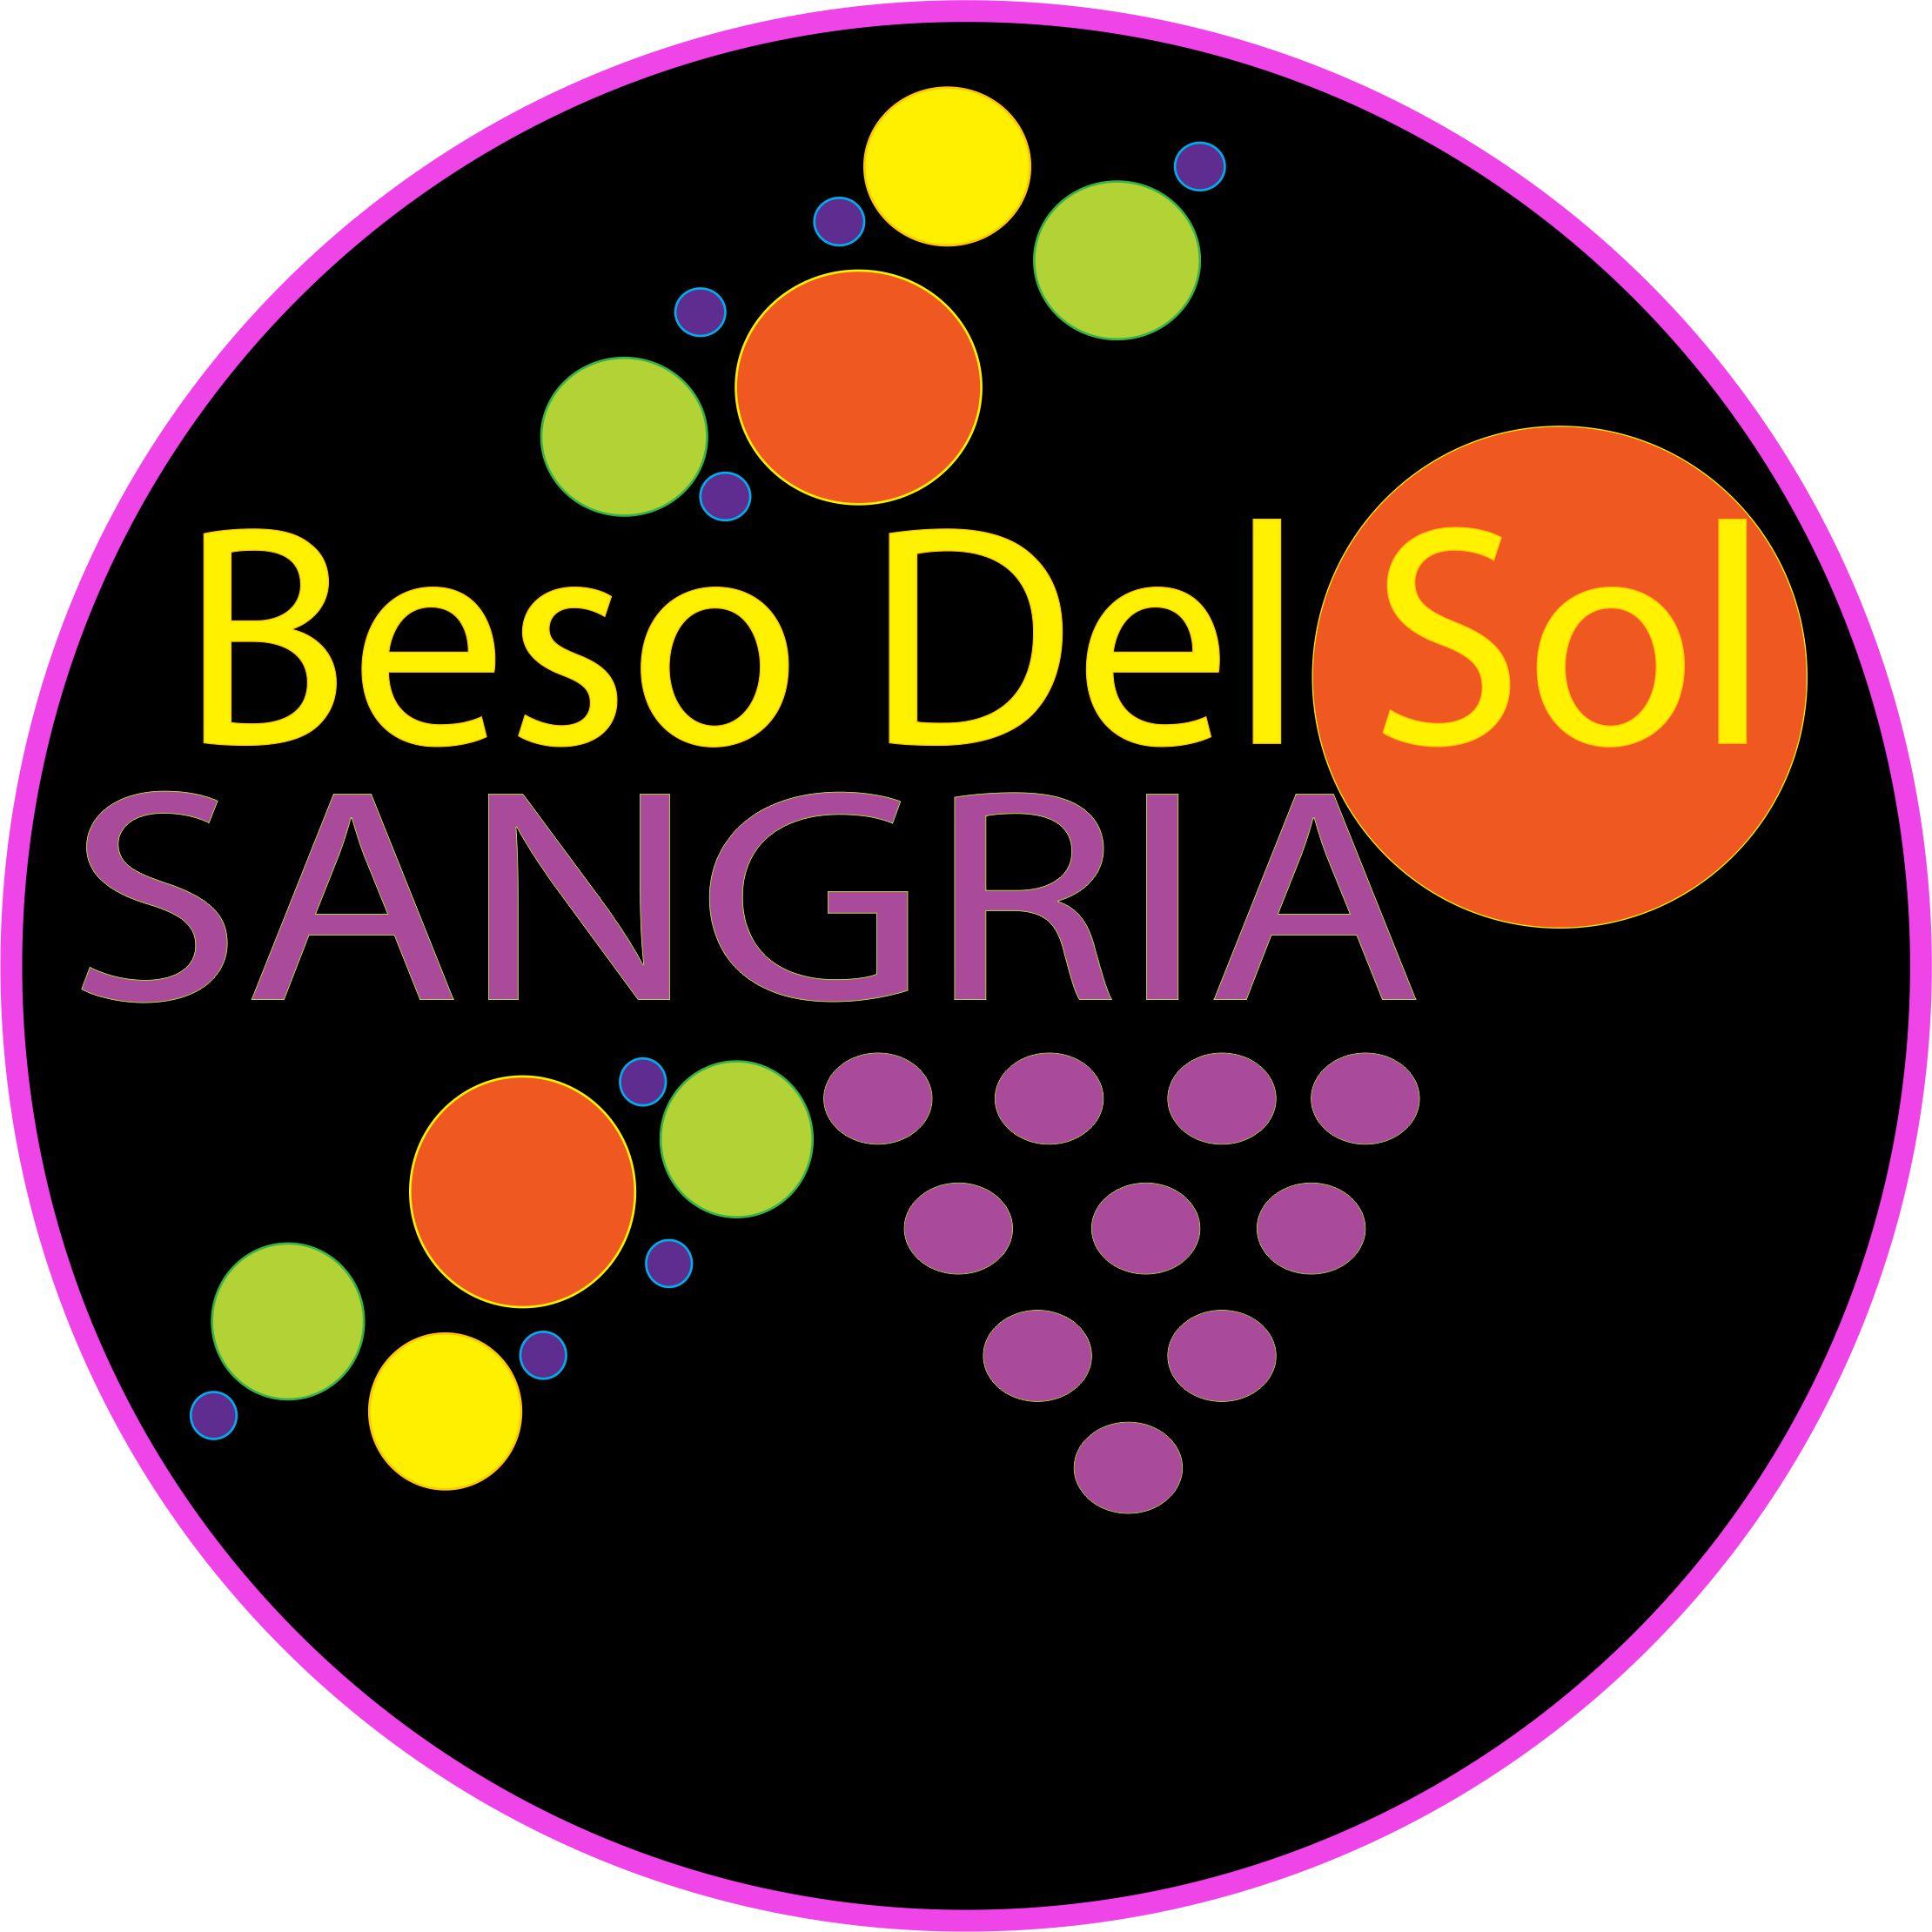 Beso Del Sol Sangria